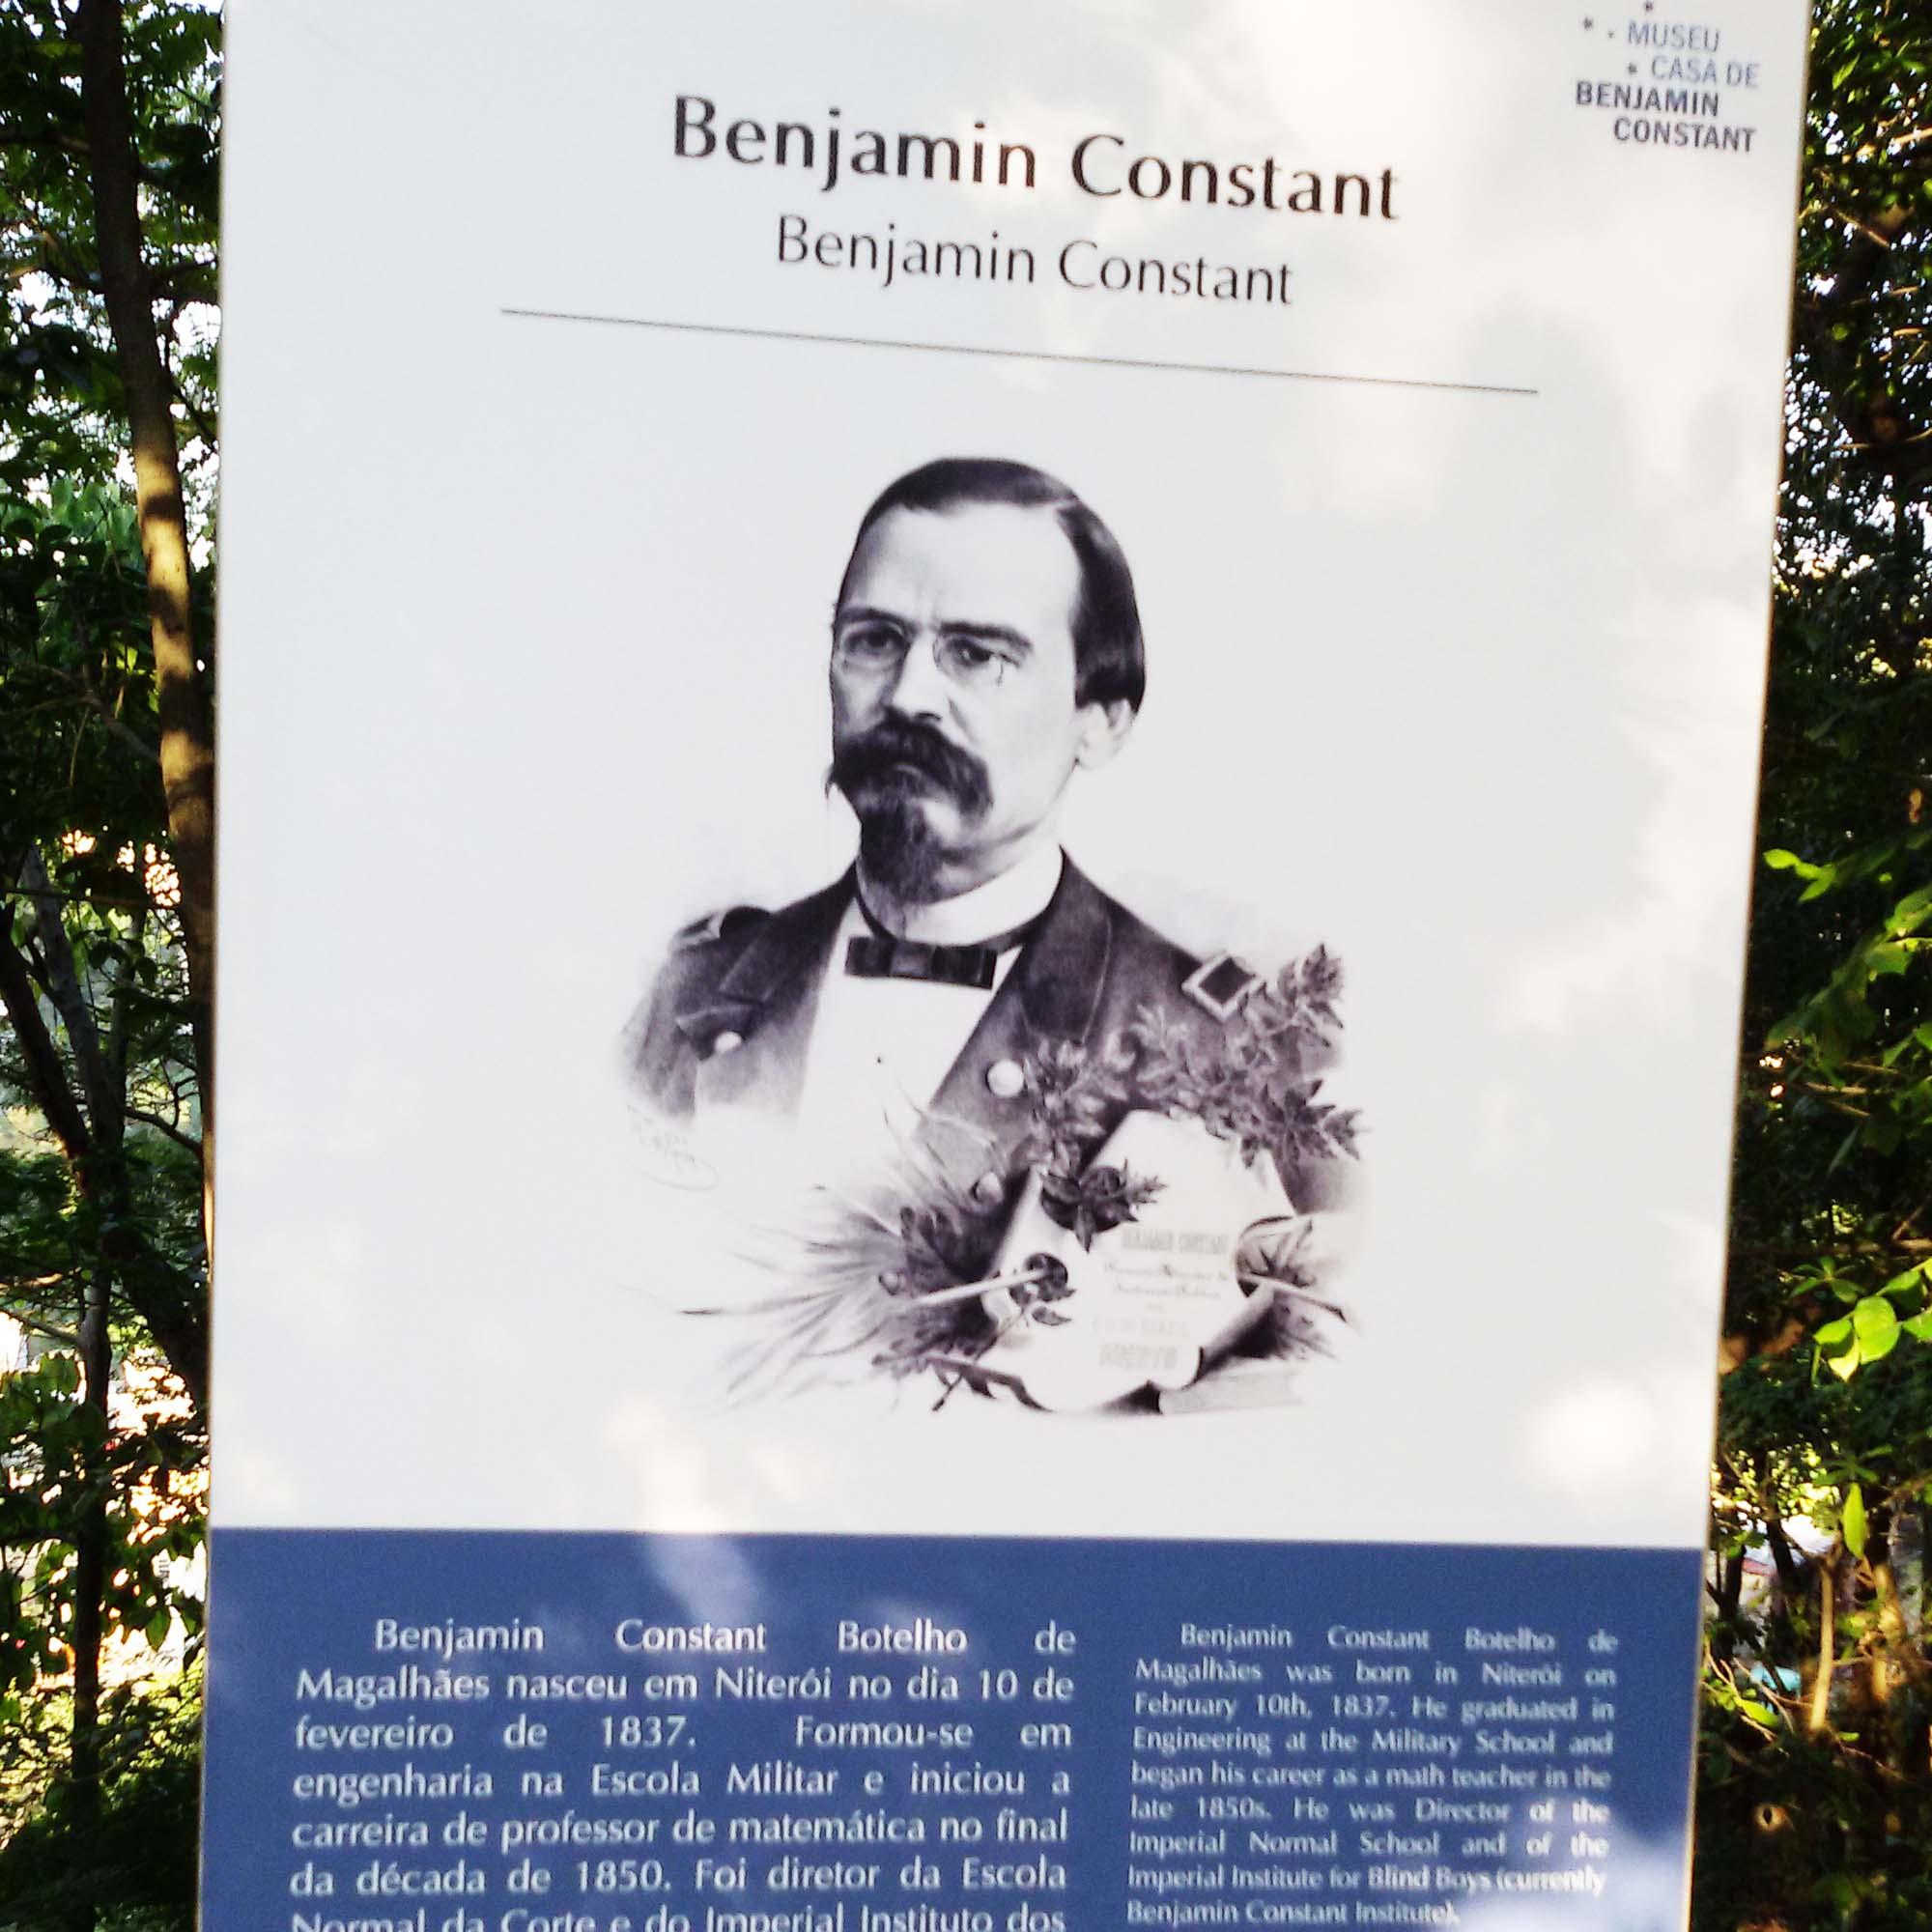 rioecultura : EXPO Exposi��o de Percurso : Museu Casa de Benjamin Constant (MCBC)